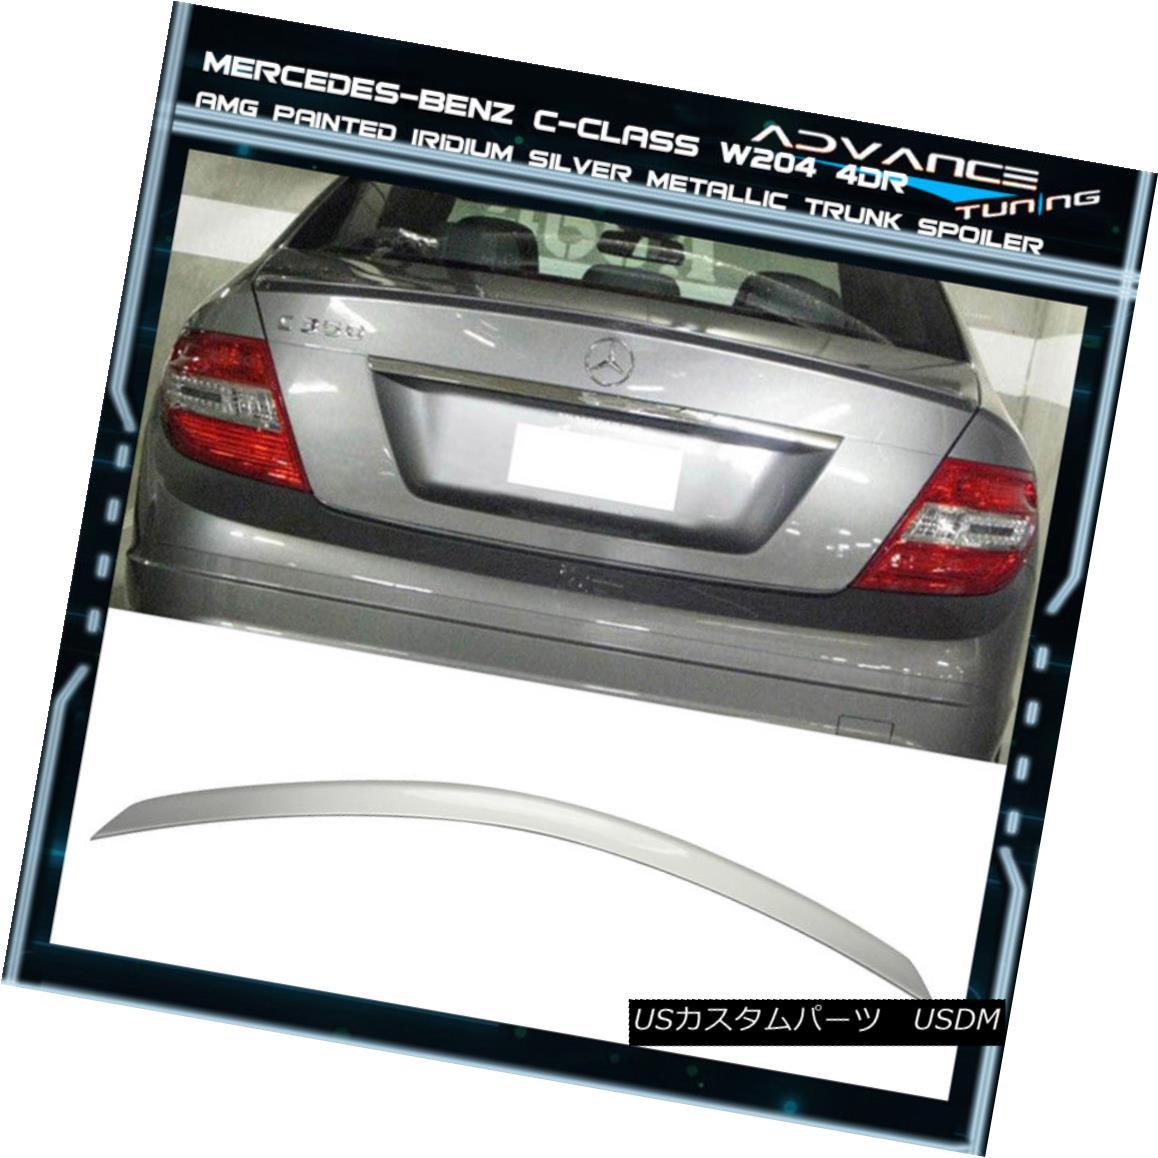 エアロパーツ 08-14 Benz C W204 Trunk Spoiler OEM Painted Color # 744 775 Silver Metallic 08-14ベンツC W204トランク・スポイラーOEM塗装カラー#744 775シルバー・メタリック